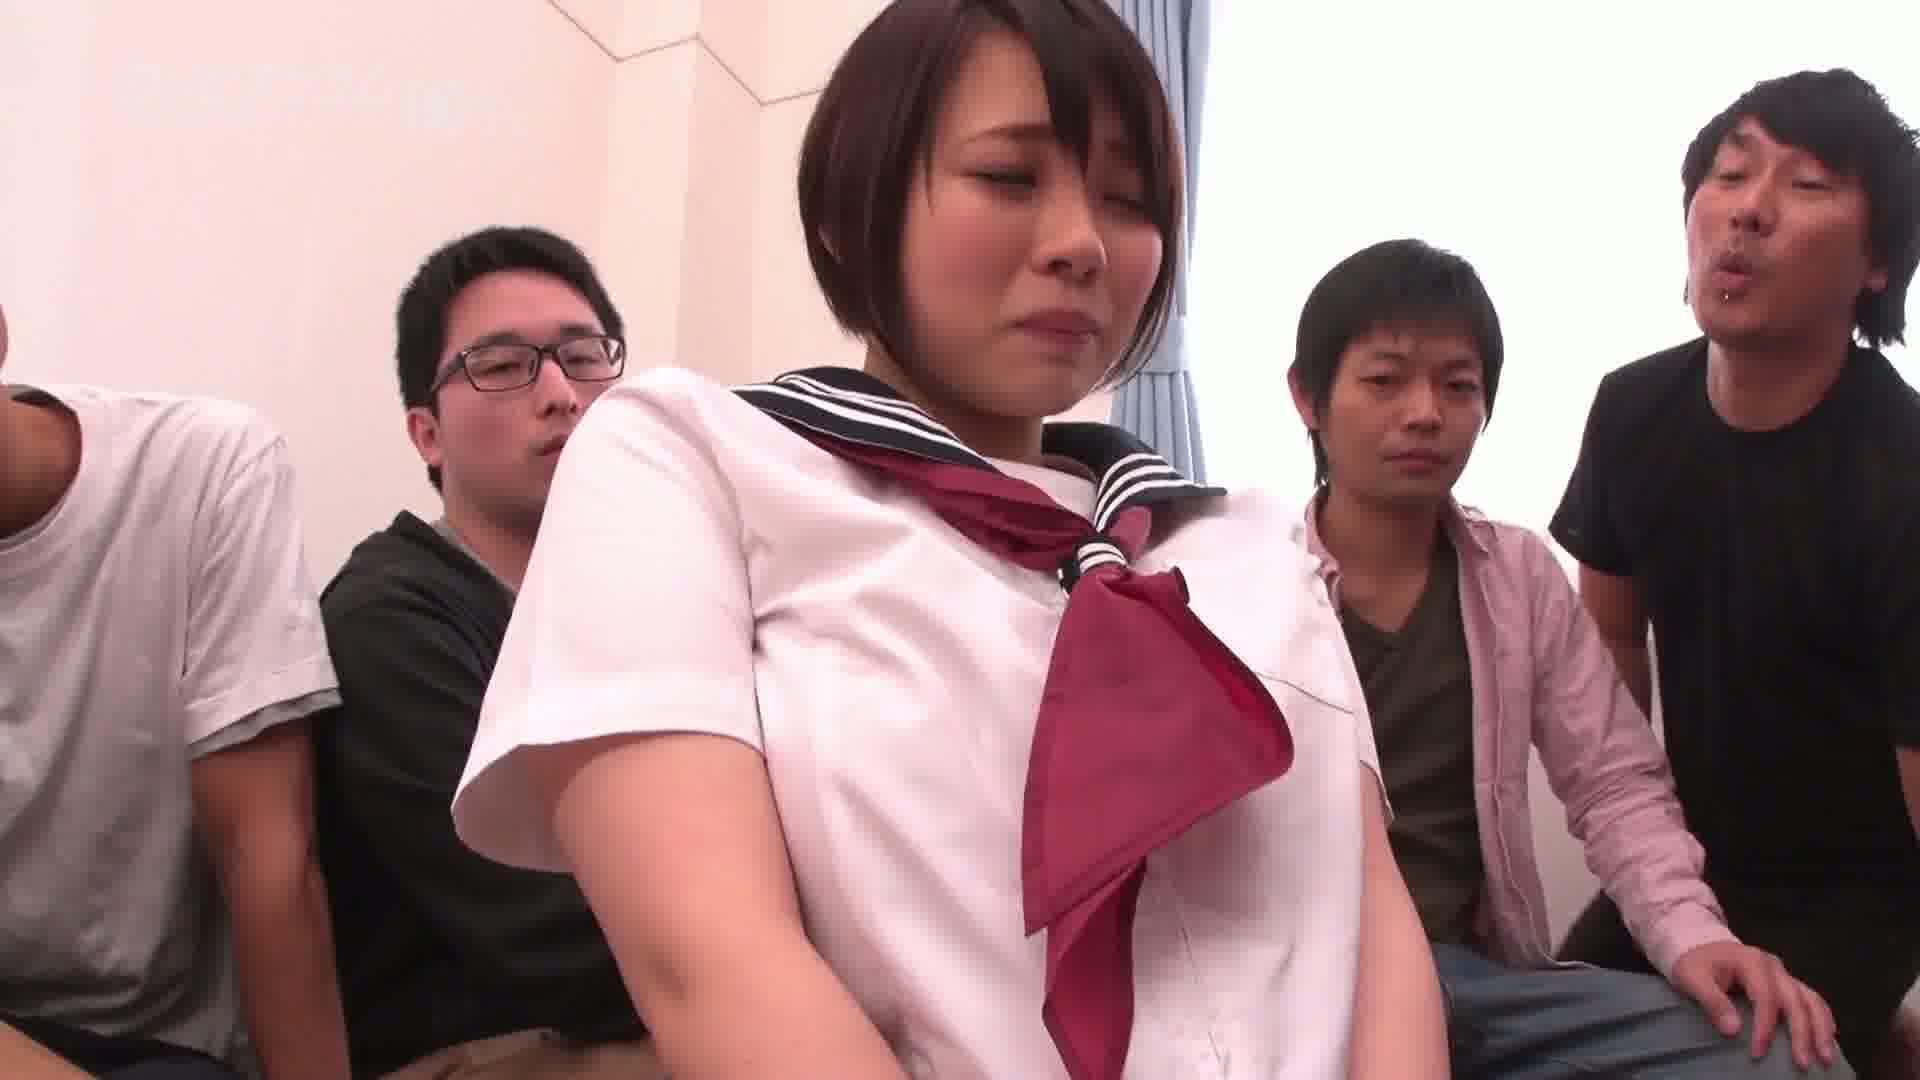 アナタのザーメンちょうだい - ゆうき美羽【潮吹き・コスプレ・乱交】